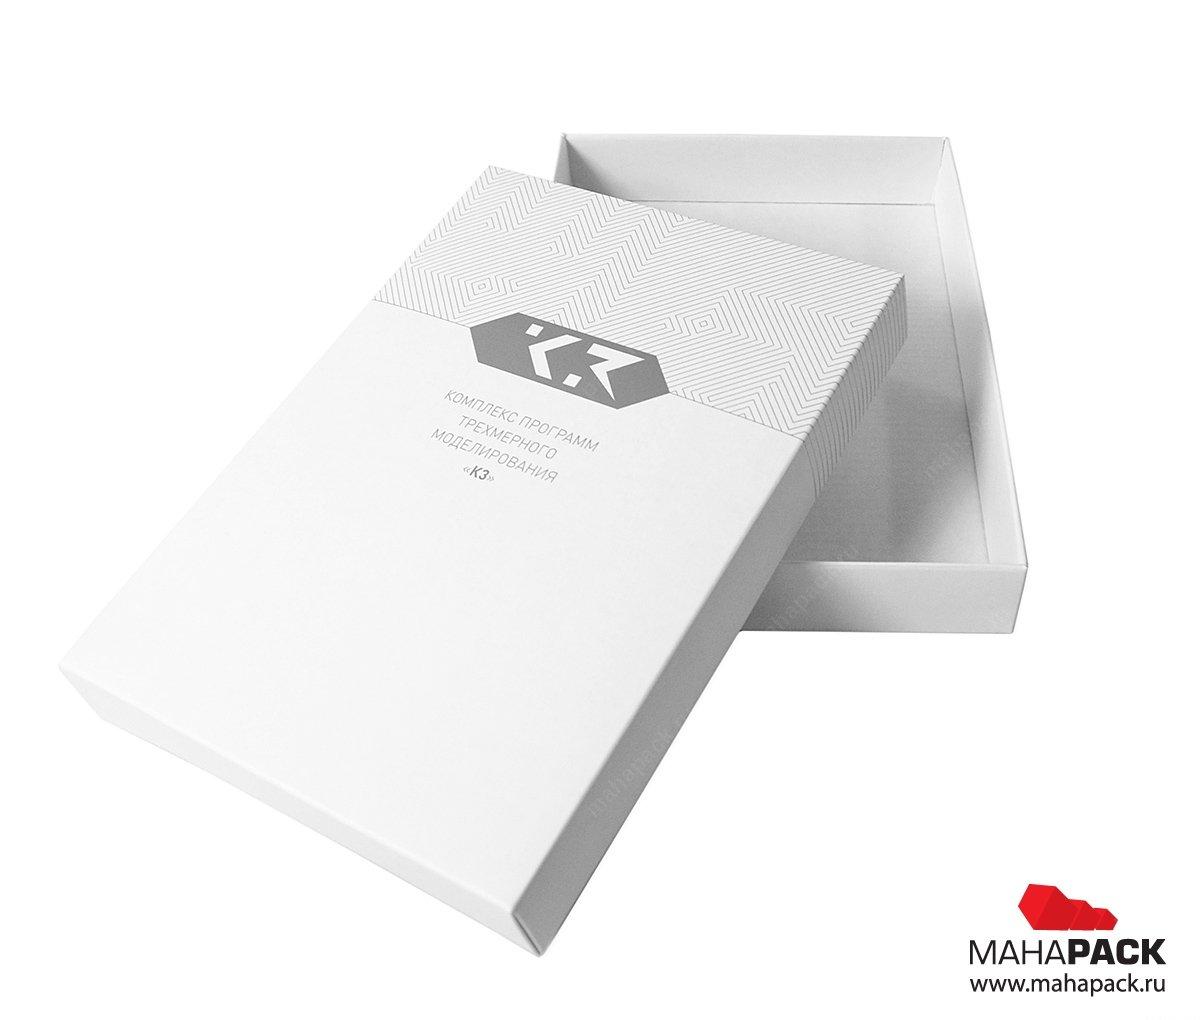 Коробка крышка-дно для ПО и документации